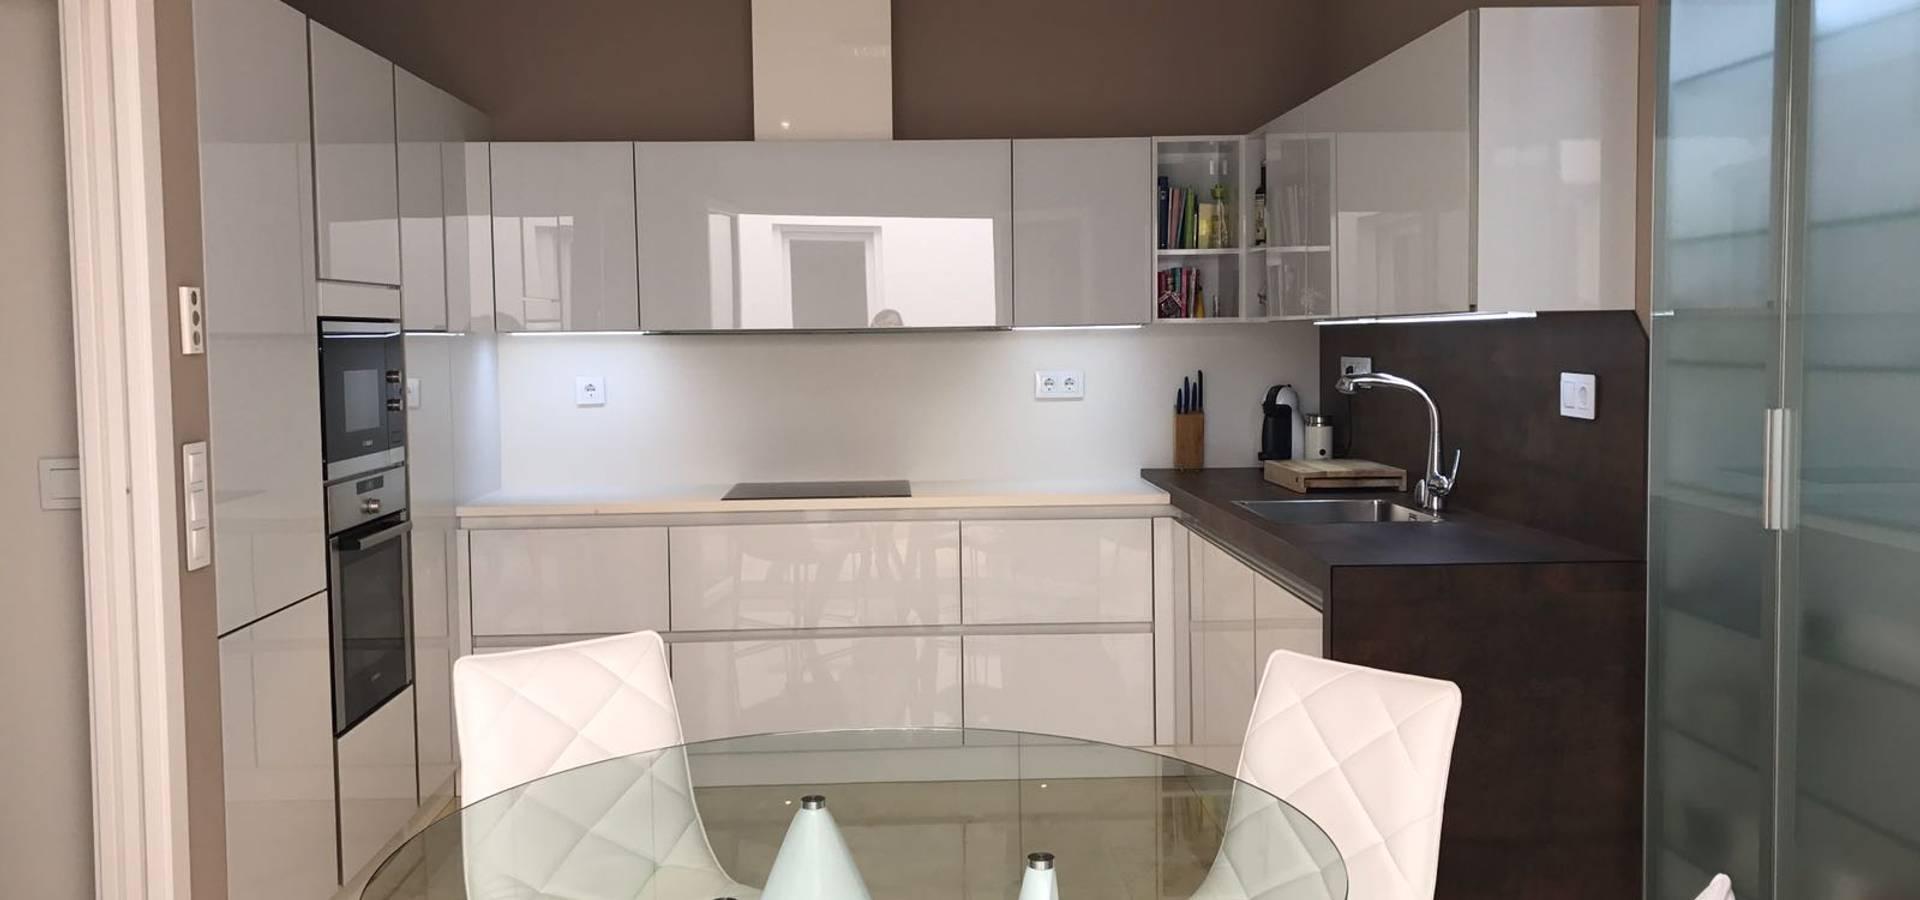 Glass white de dise o cocina homify - Cocinas de diseno en sevilla ...